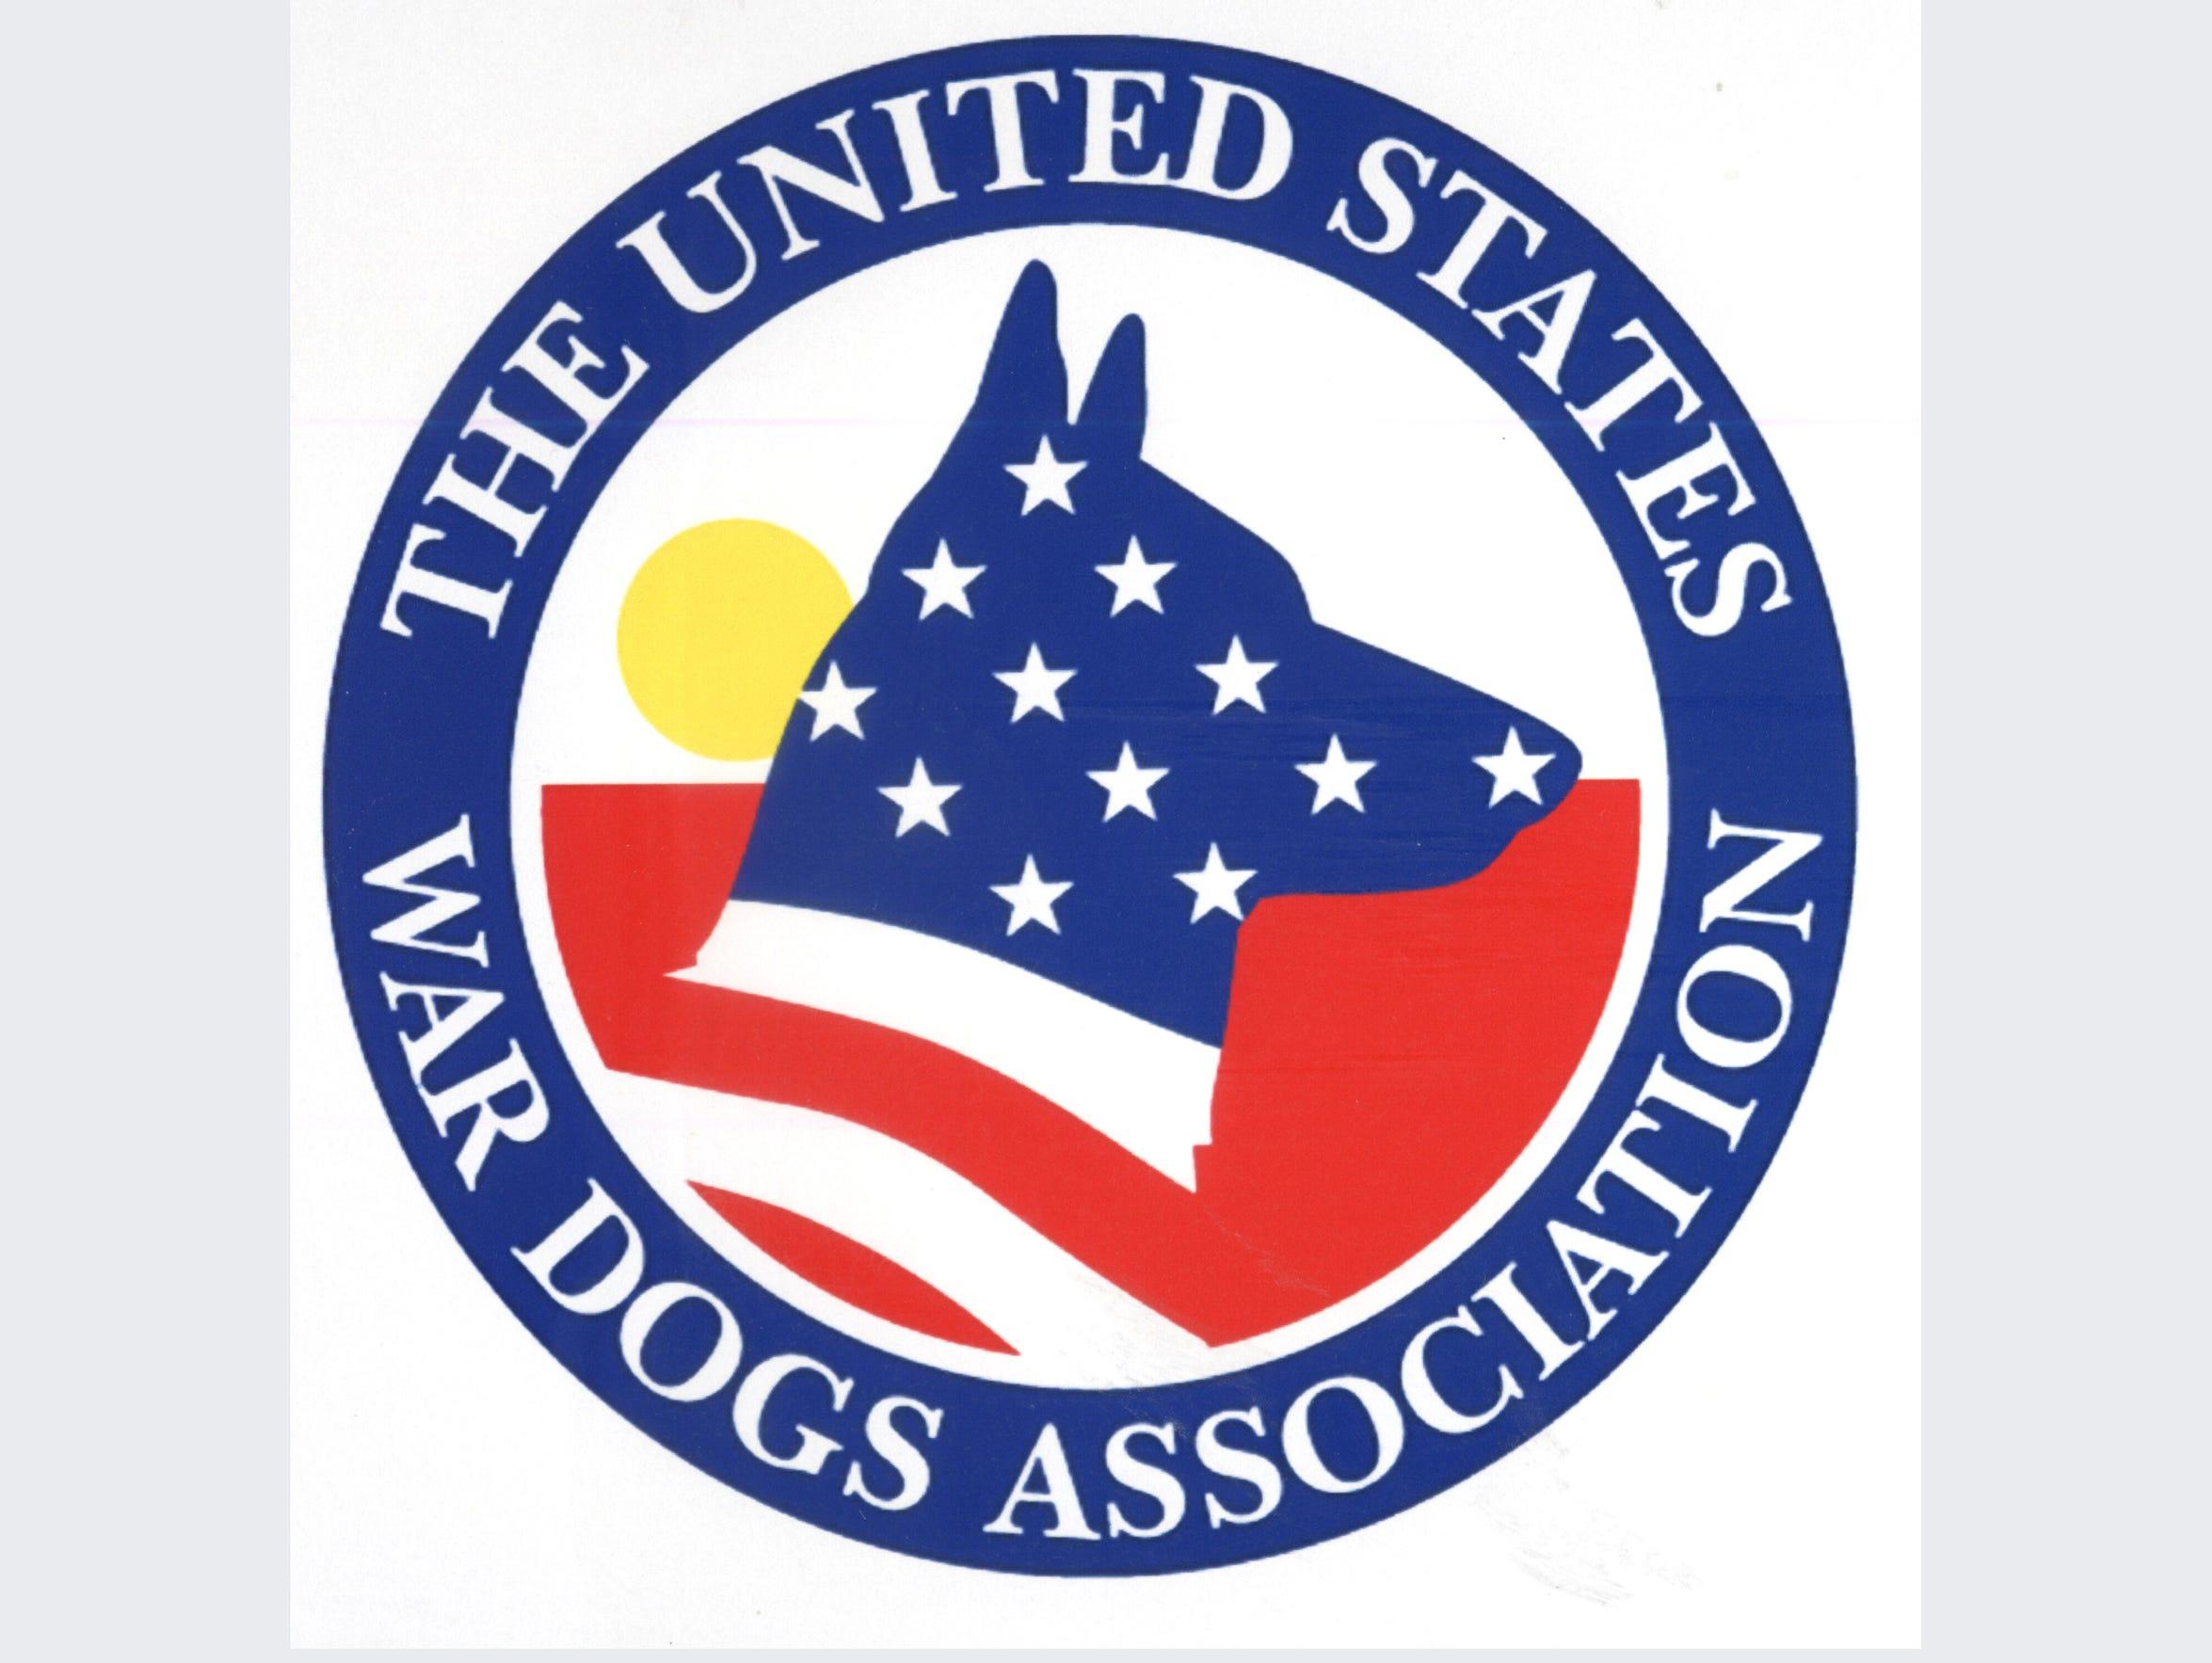 The U.S War Dogs Association logo